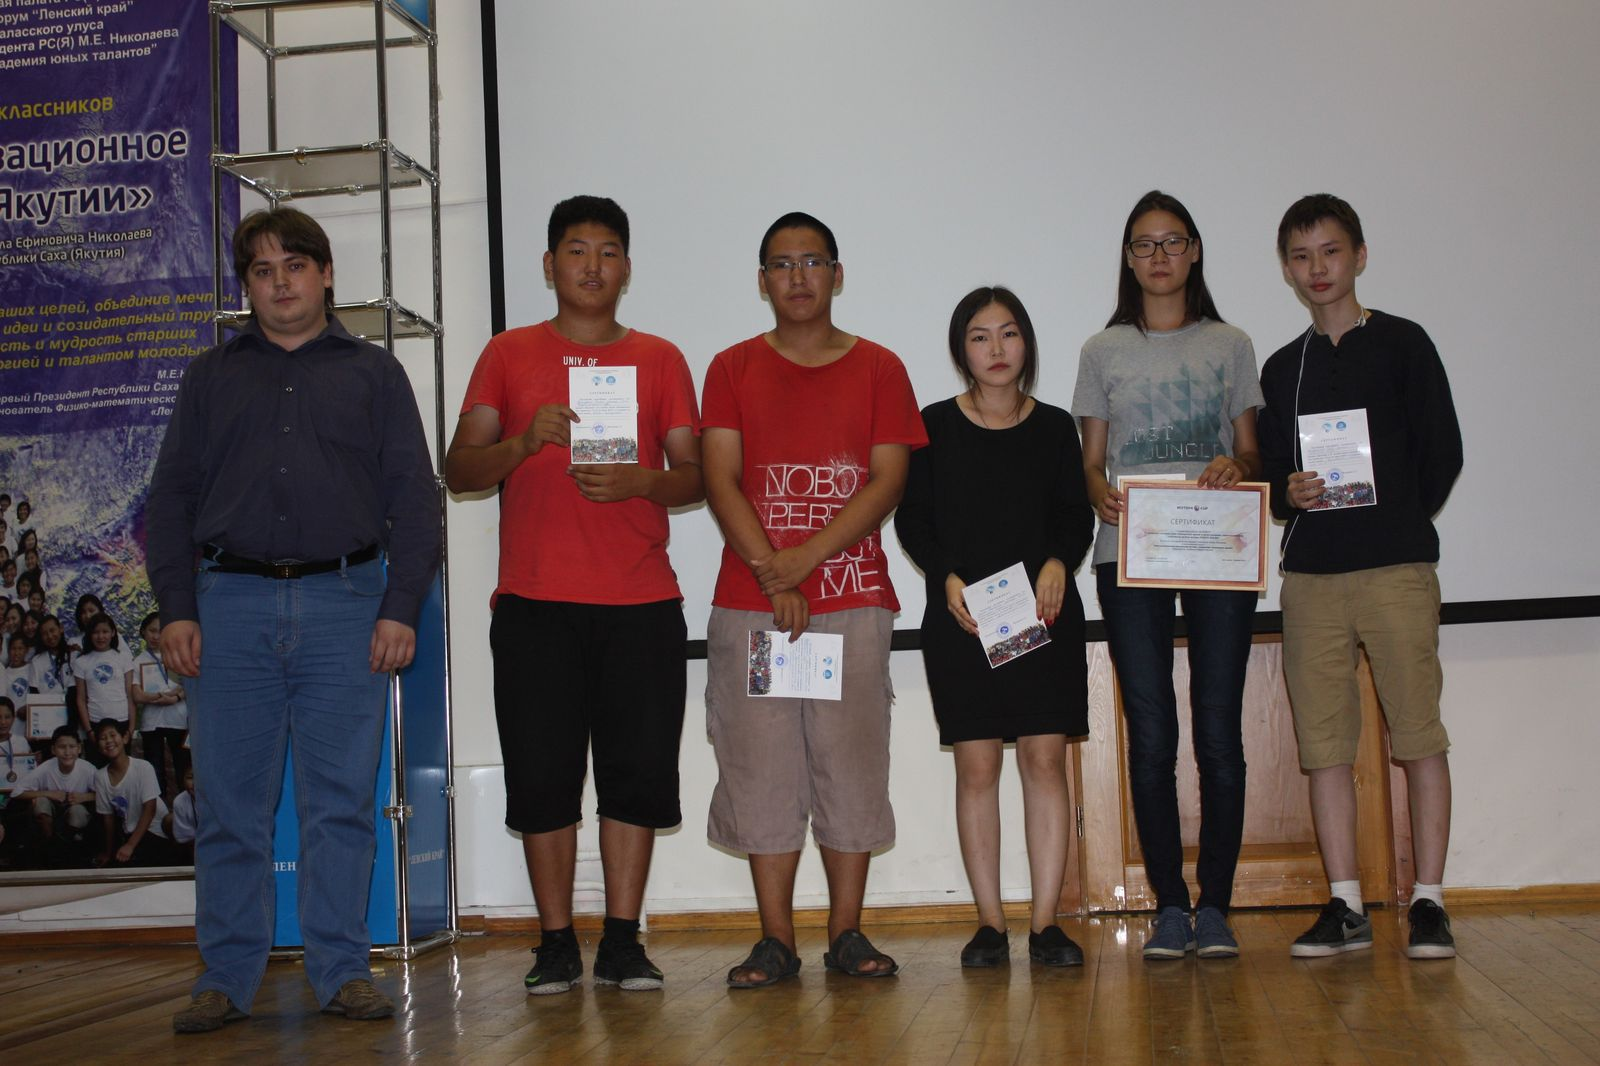 Летние IT-школы в Якутии: как это сделано - 9